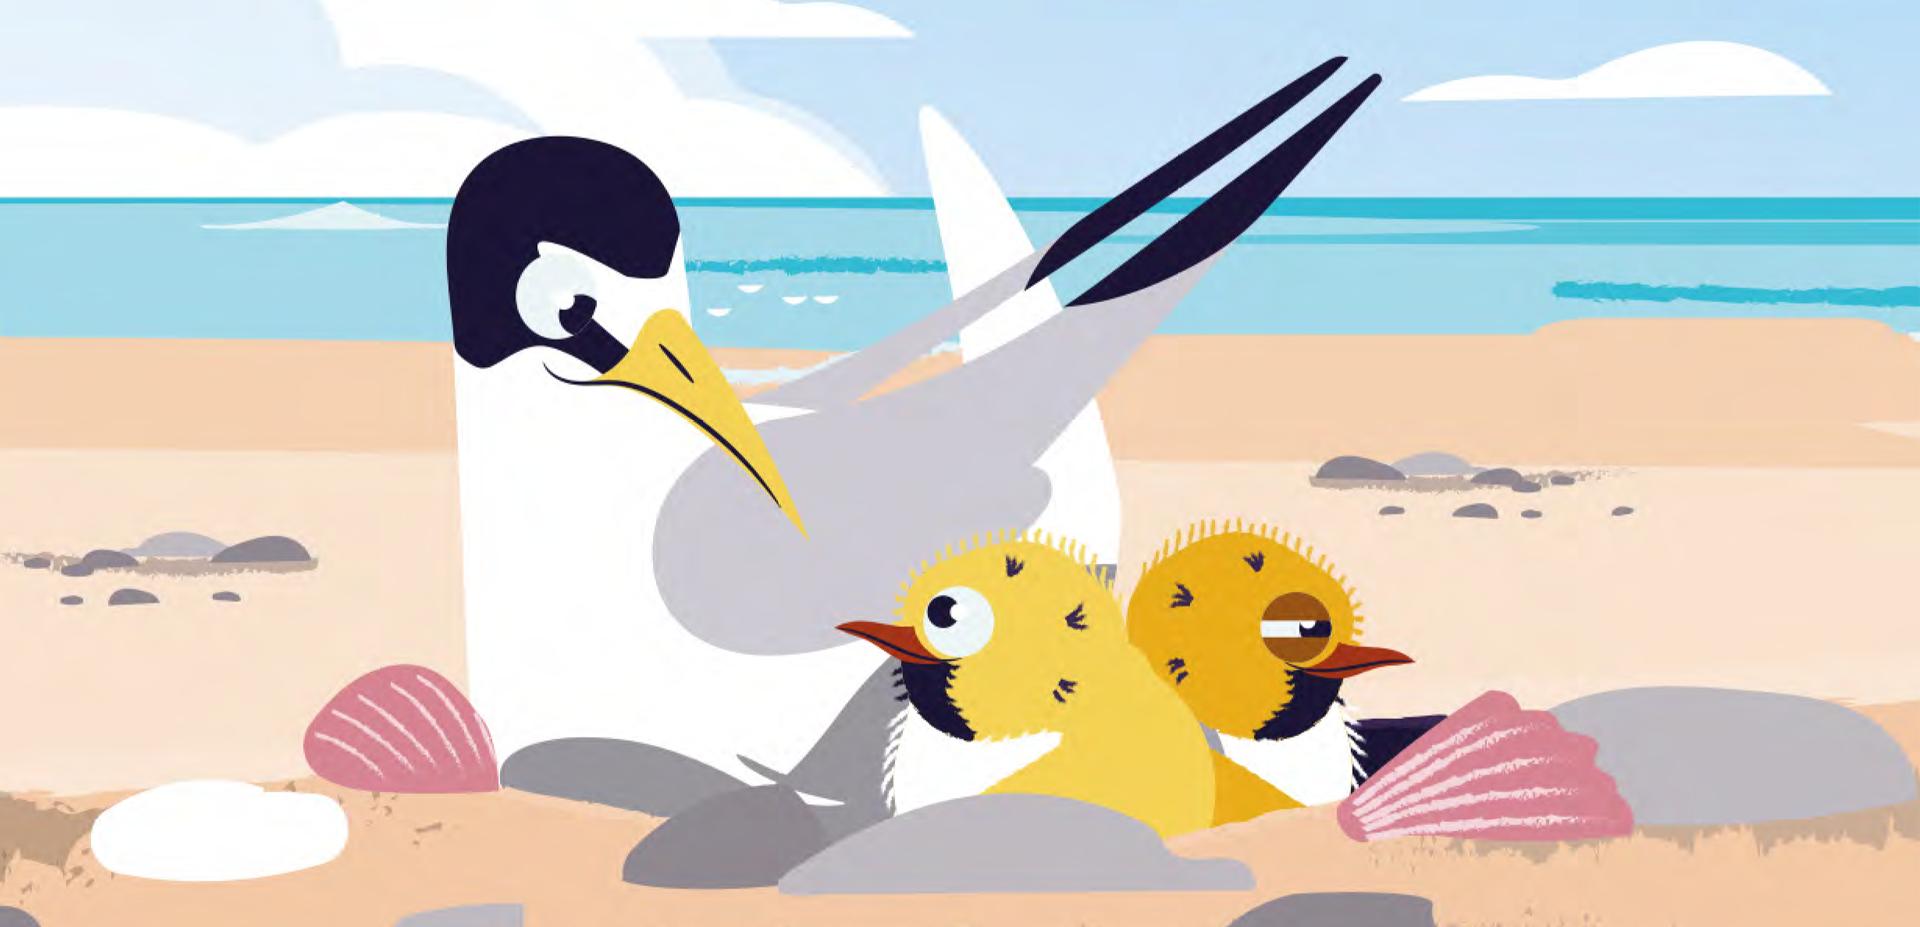 Little tern illustration